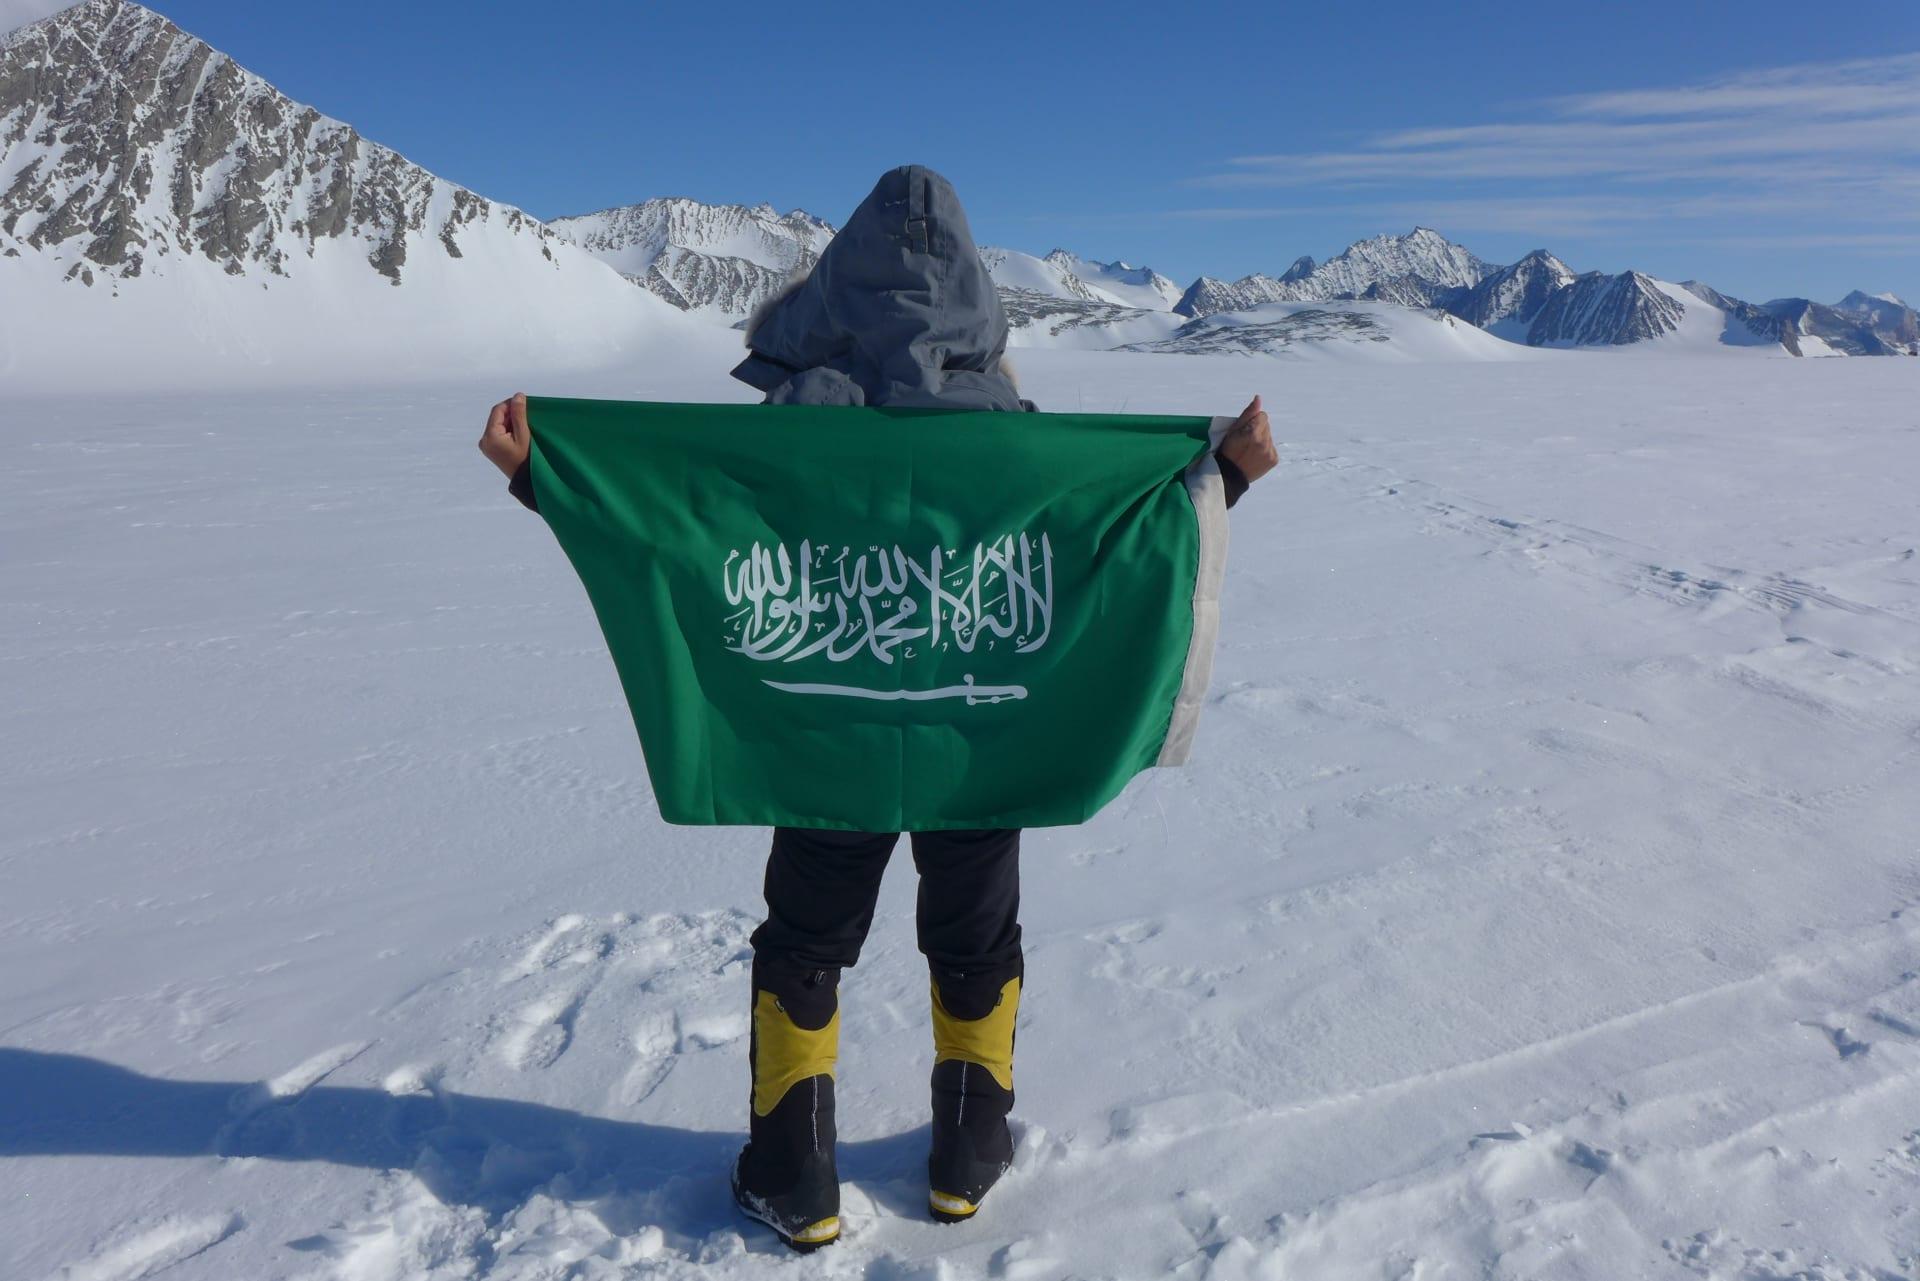 بدأ شغفها للجبال عبر بريد إلكتروني.. قابل السعودية التي تتسلق أسقف العالم